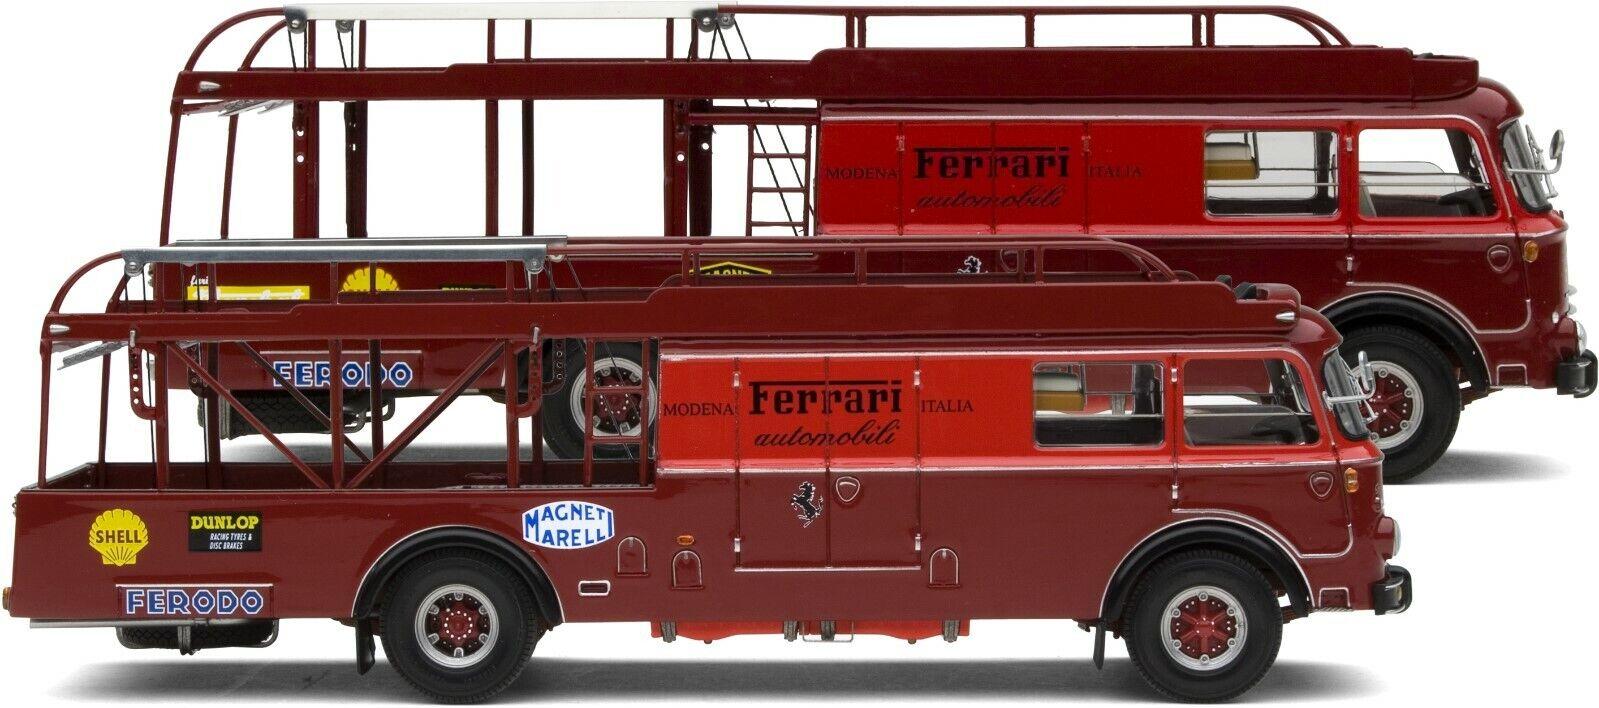 Exoto 43   Speciale Set II   Scuderia Ferrari Auto da Corsa Transporters